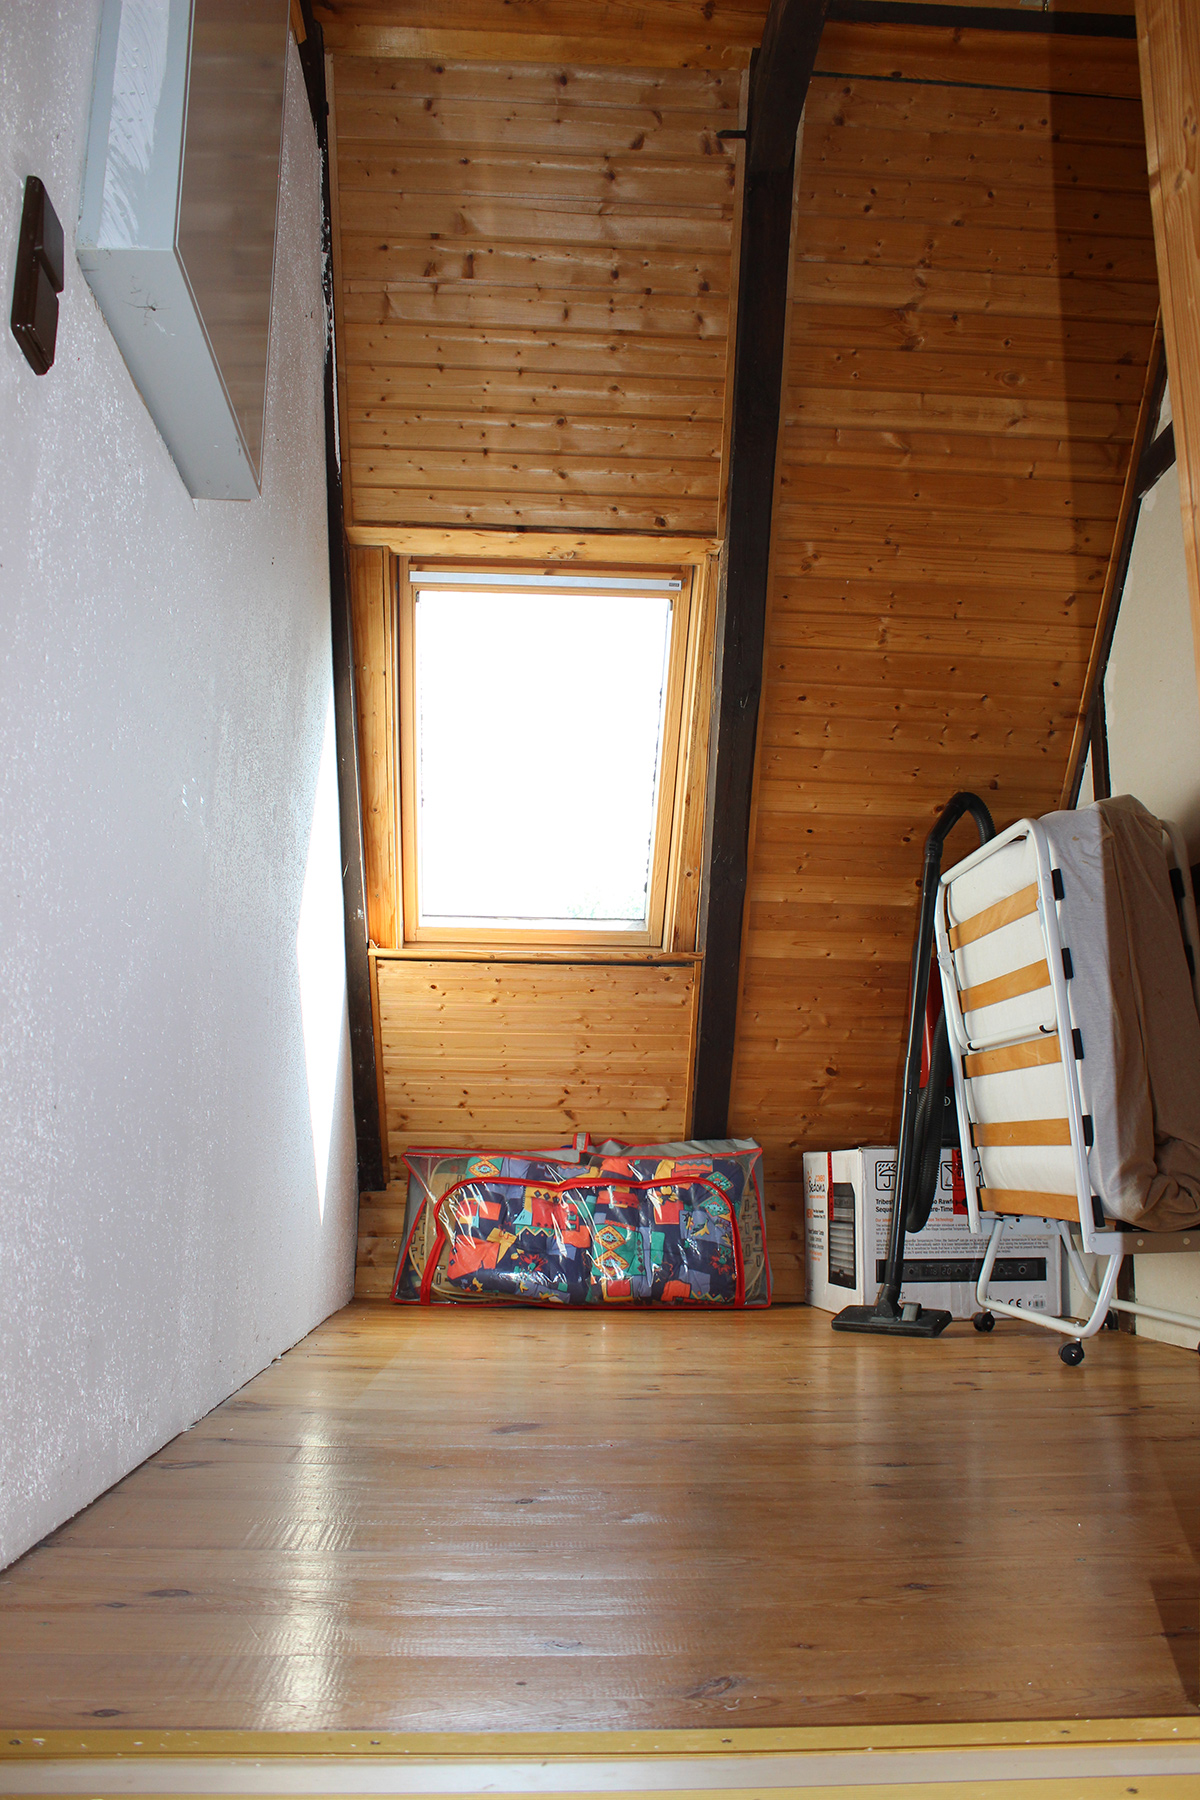 Das Ferienhaus-Uckermark Flur-mit-Treppenaufgang-ins-OG und Abgang zu den Schlafräumen für den Selbstversorger Urlaub im Boitzenburger Land schon ab 29,- Euro pro Tag